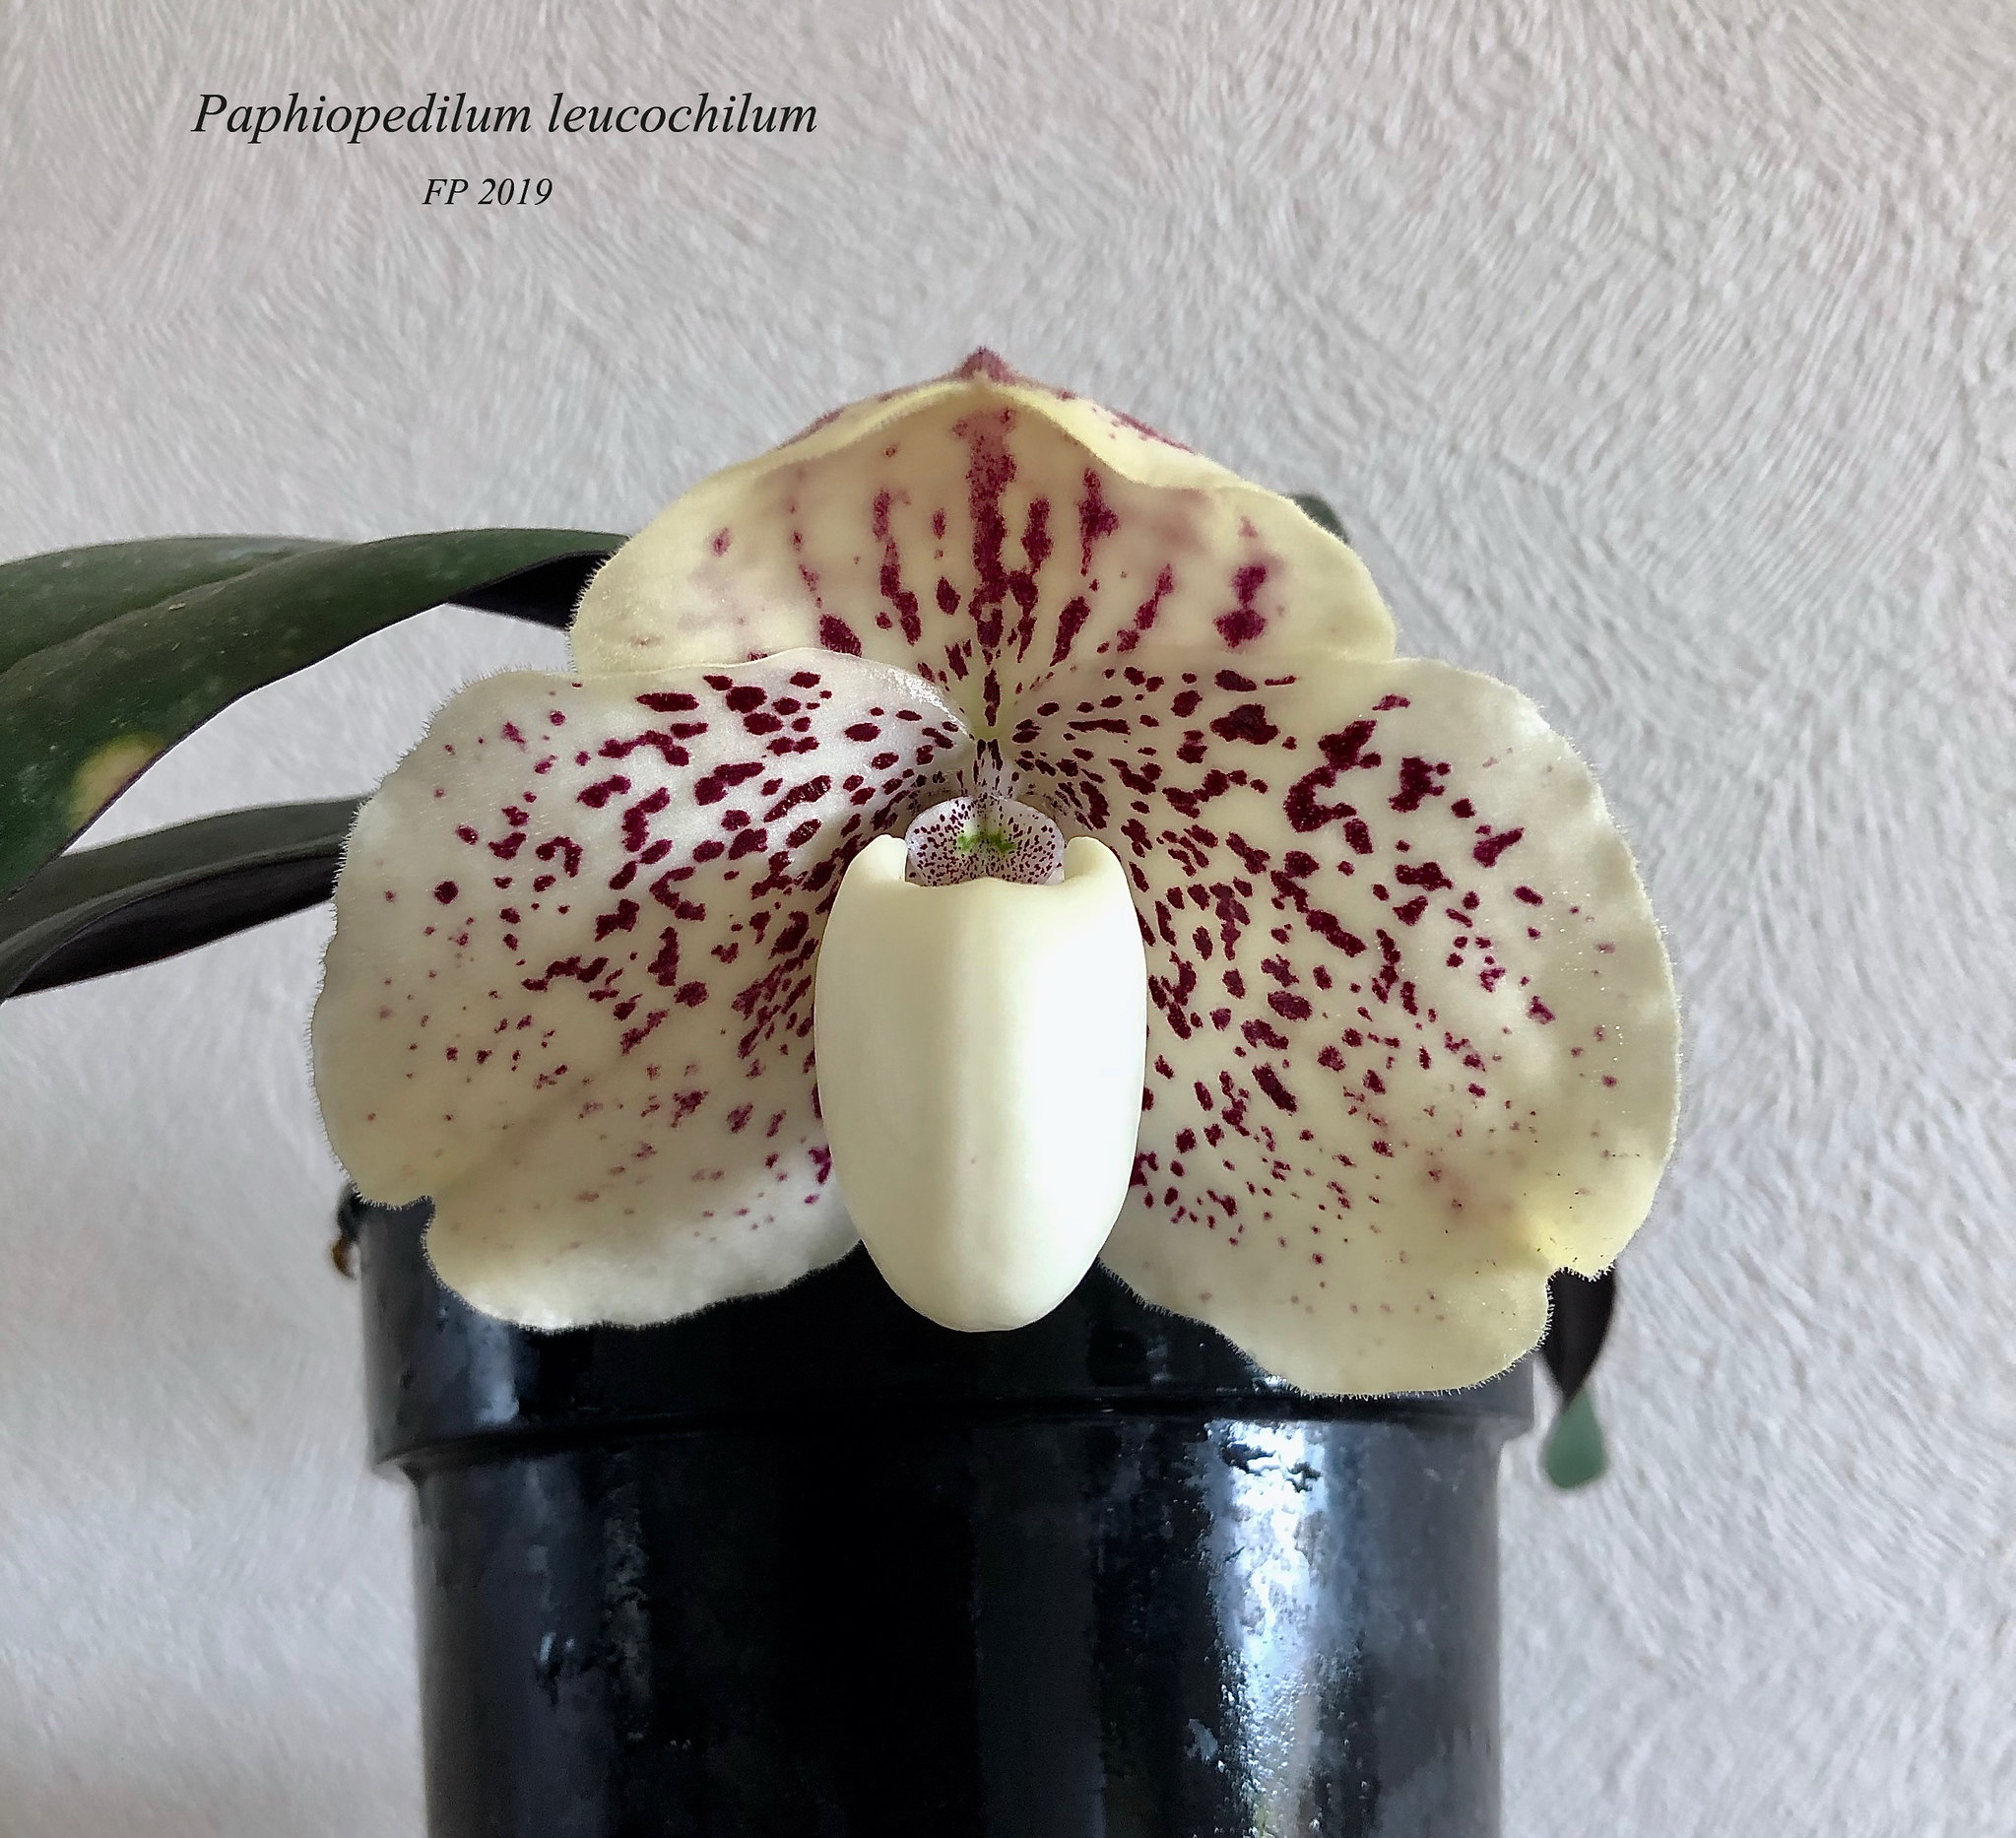 Paphiopeilum leucochilum 48048777413_1fa08a75f9_k